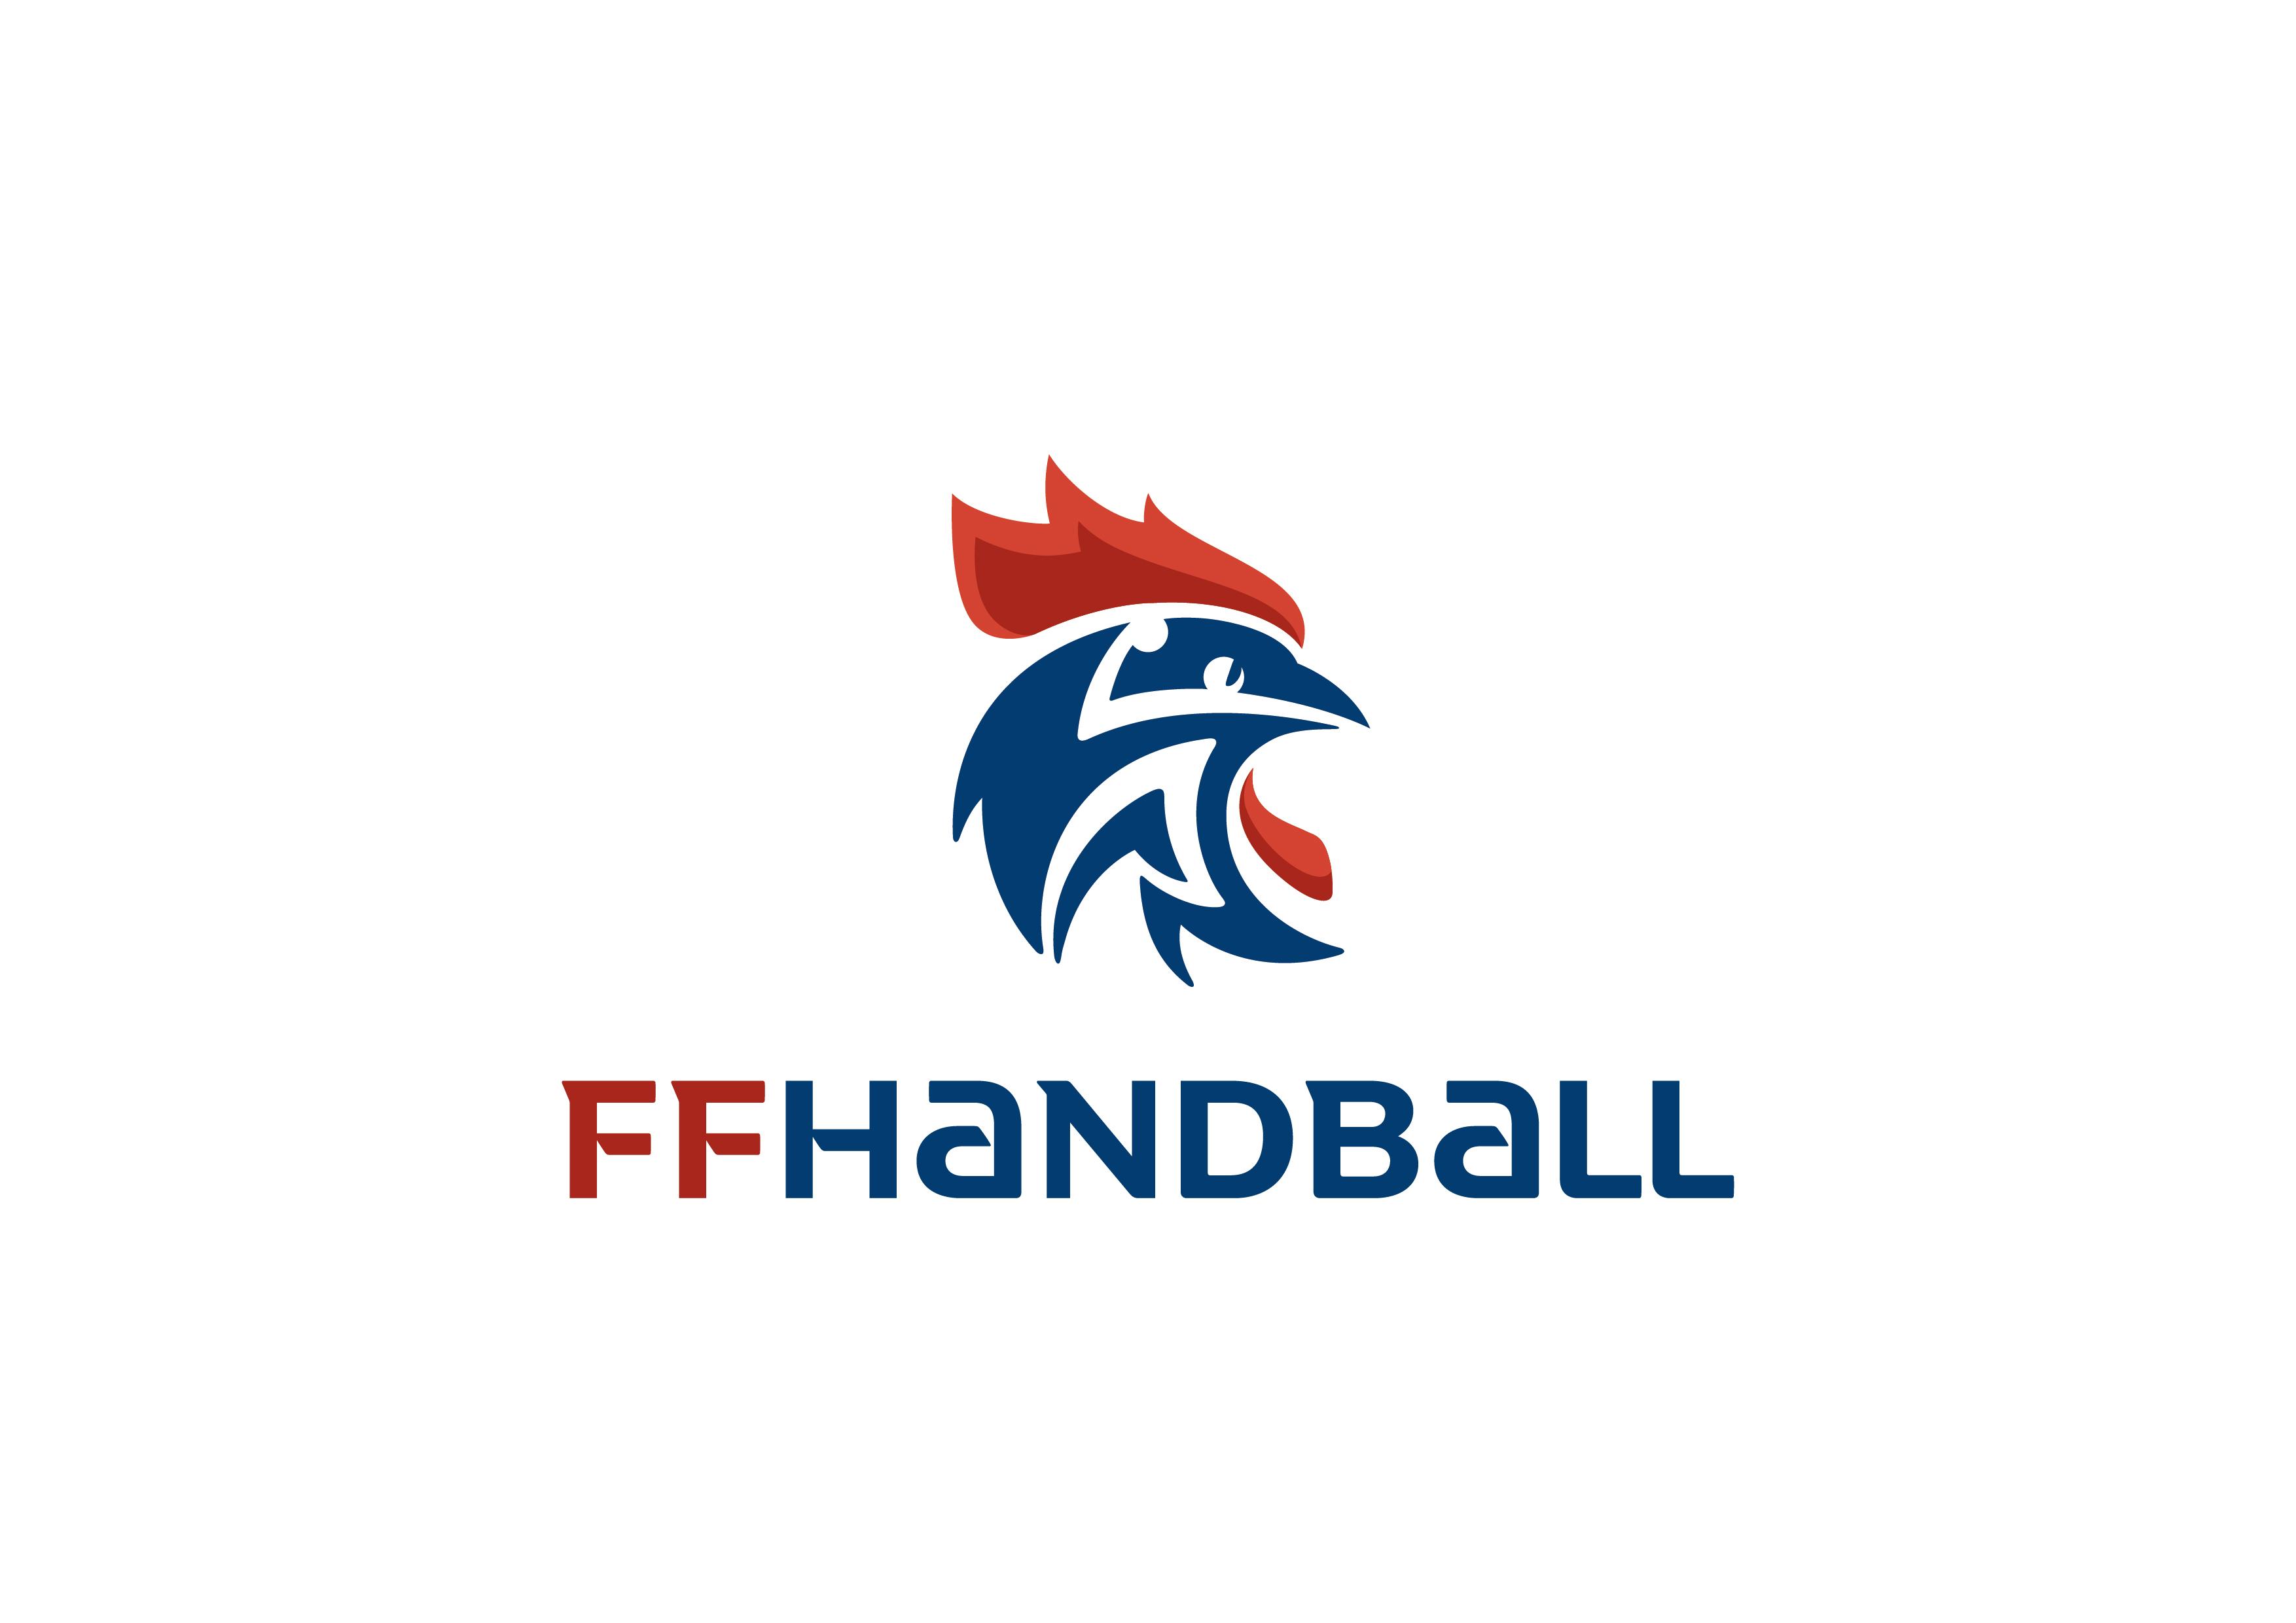 nouveau logo Fédération française handball FFHandball